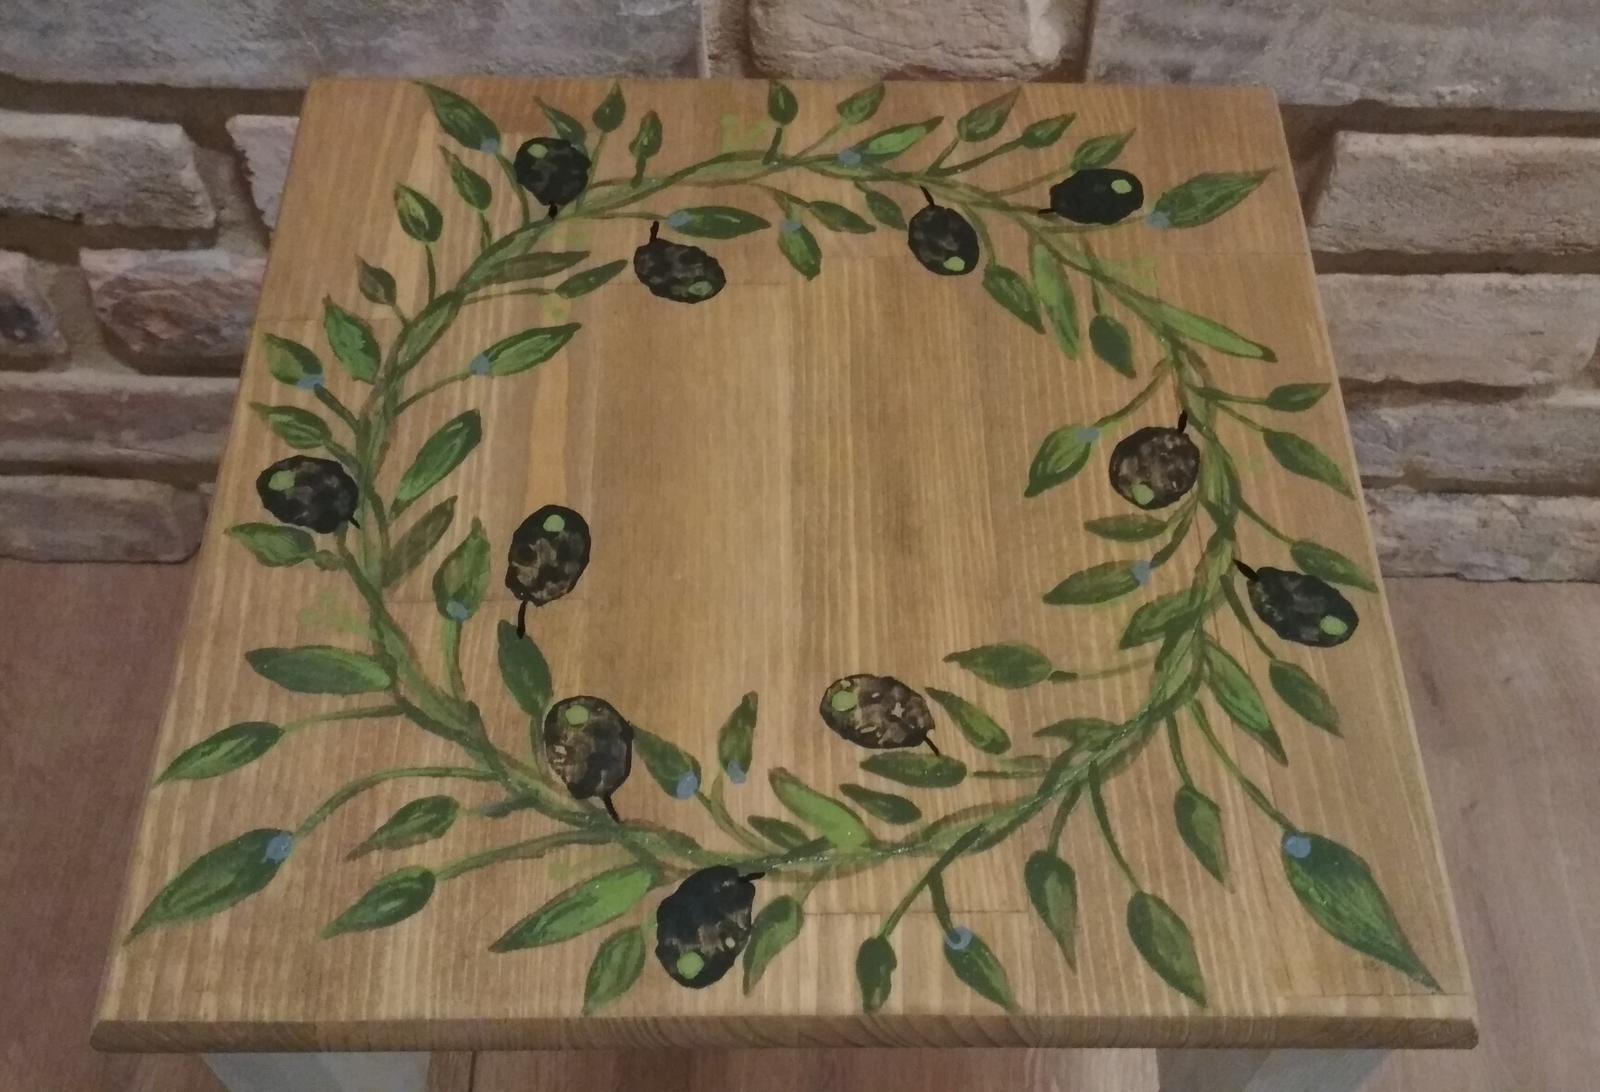 Náš domček ♡ Bramasole ♡ ... Stilo interiér aj exteriér 3. rok bývania - Môj prvý olivový stolček